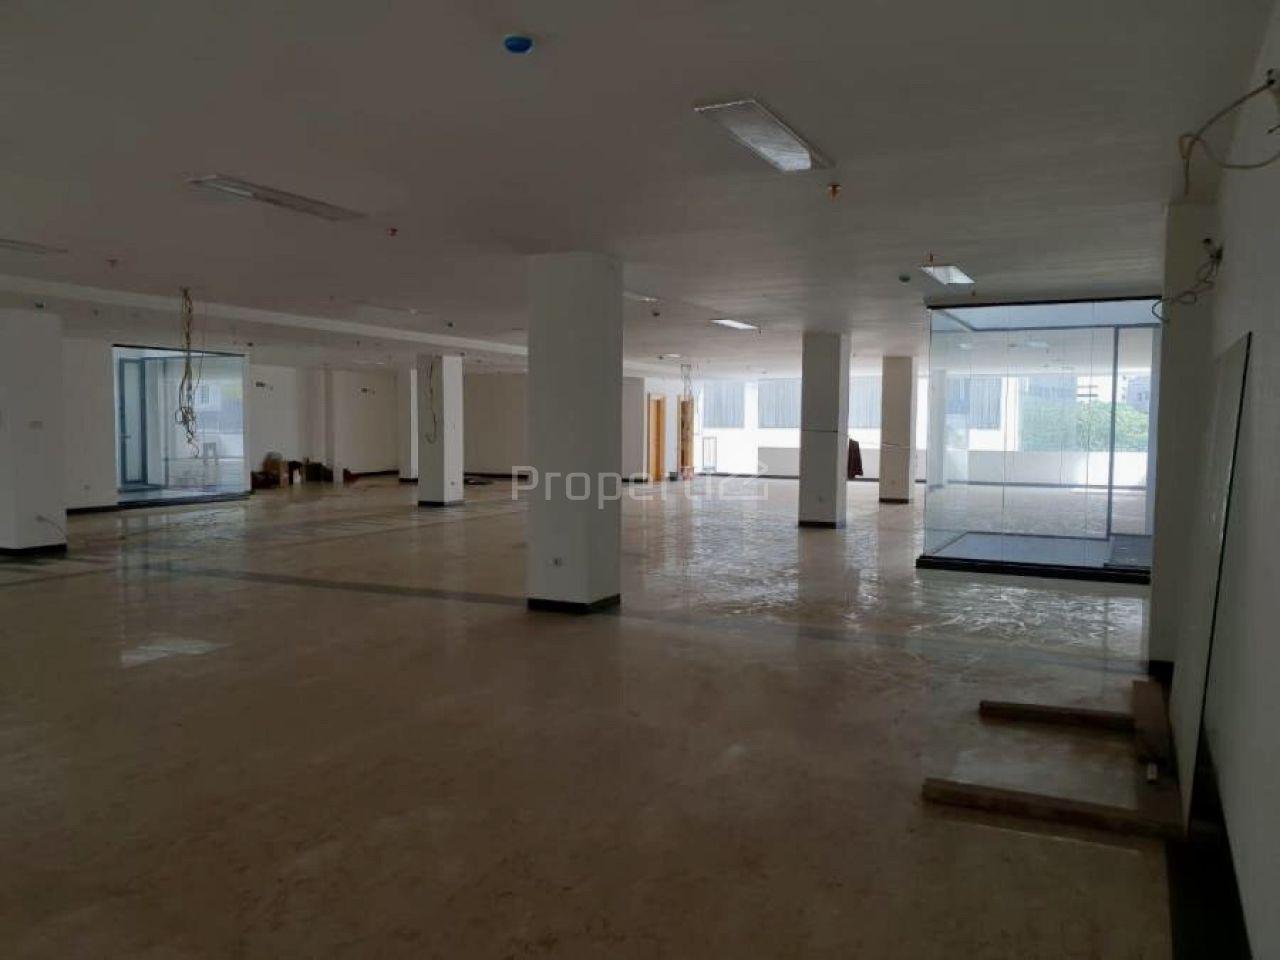 Gedung Baru di Kebon Sirih, Menteng, Jakarta Pusat, Jakarta Pusat